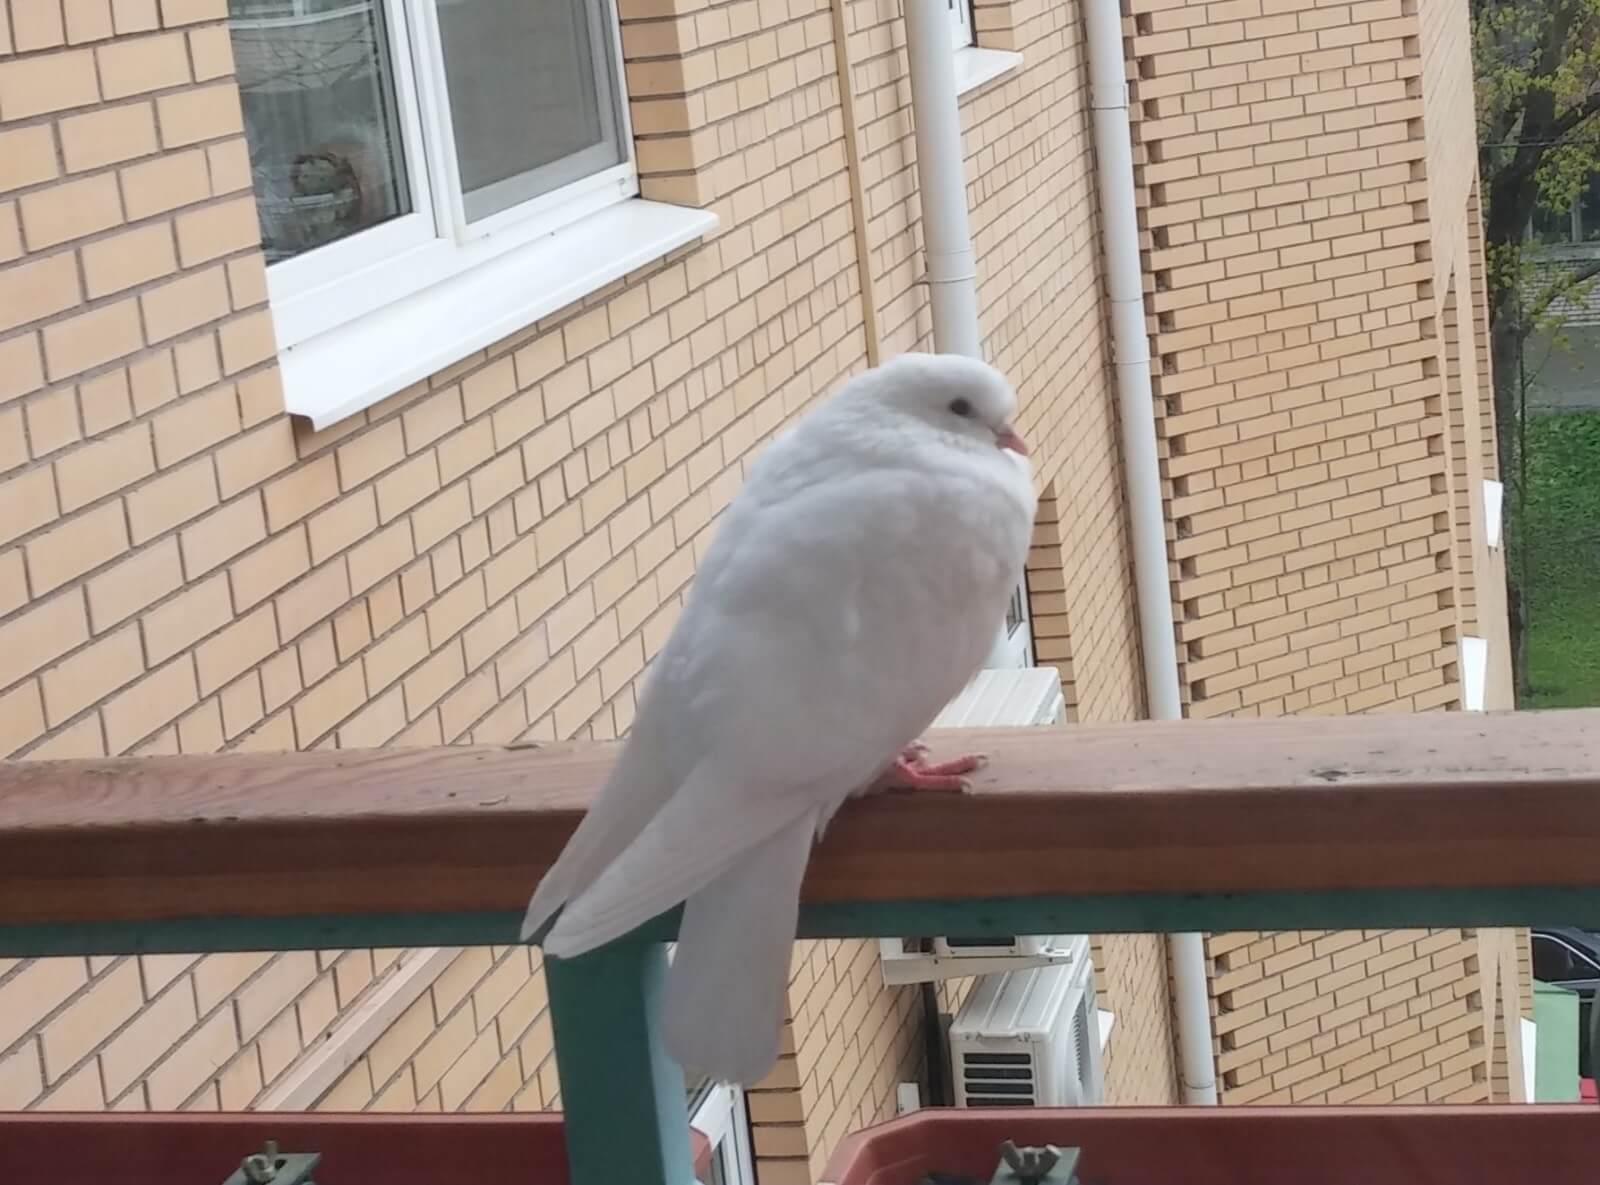 Что предвещает голубь, залетевший в окно